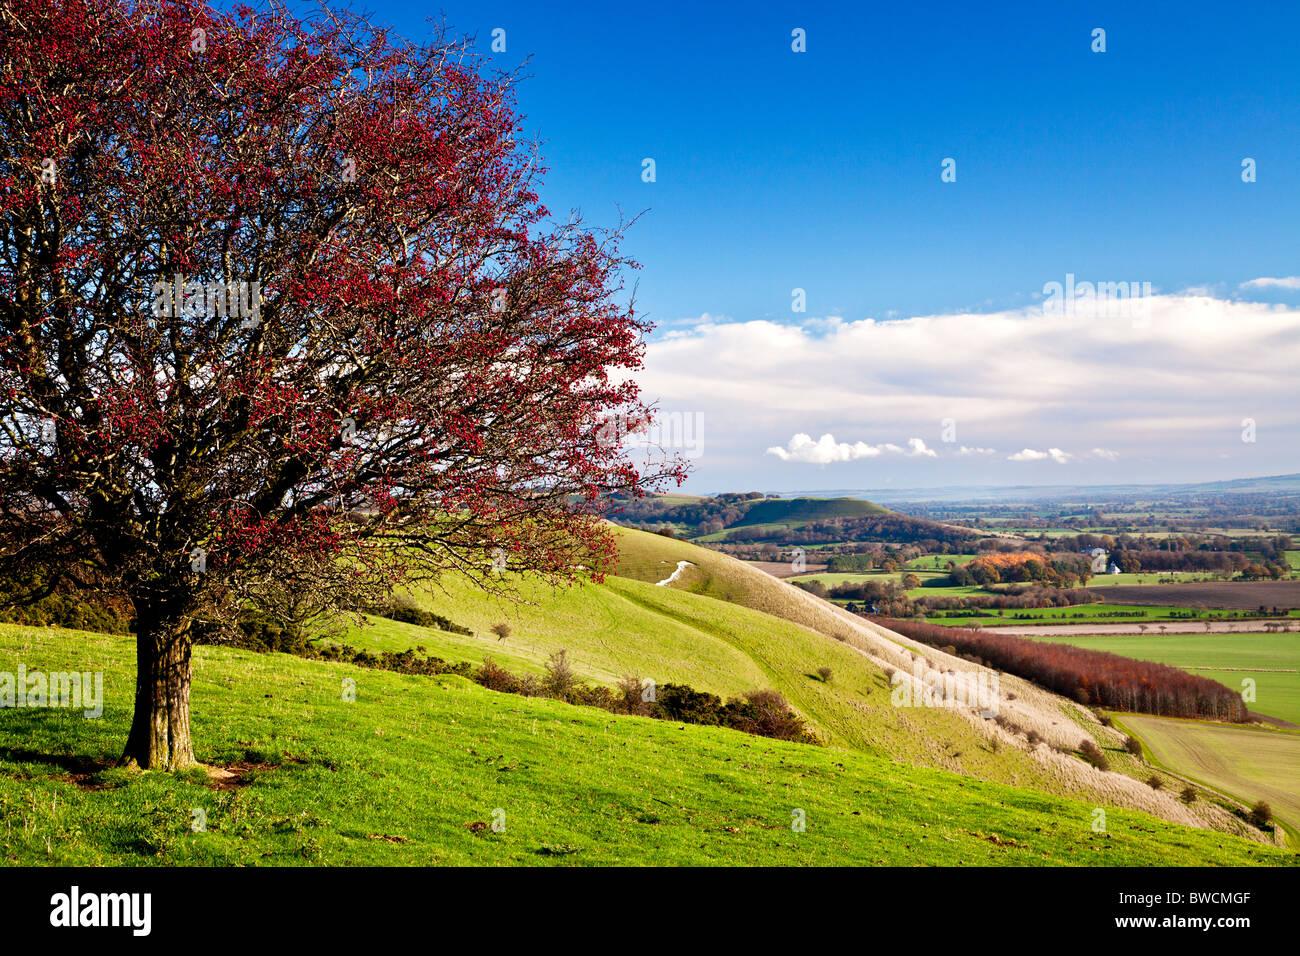 Biancospino o albero con bacche rosse su Knapp collina che si affaccia sulla valle di Pewsey nel Wiltshire, Inghilterra, Immagini Stock